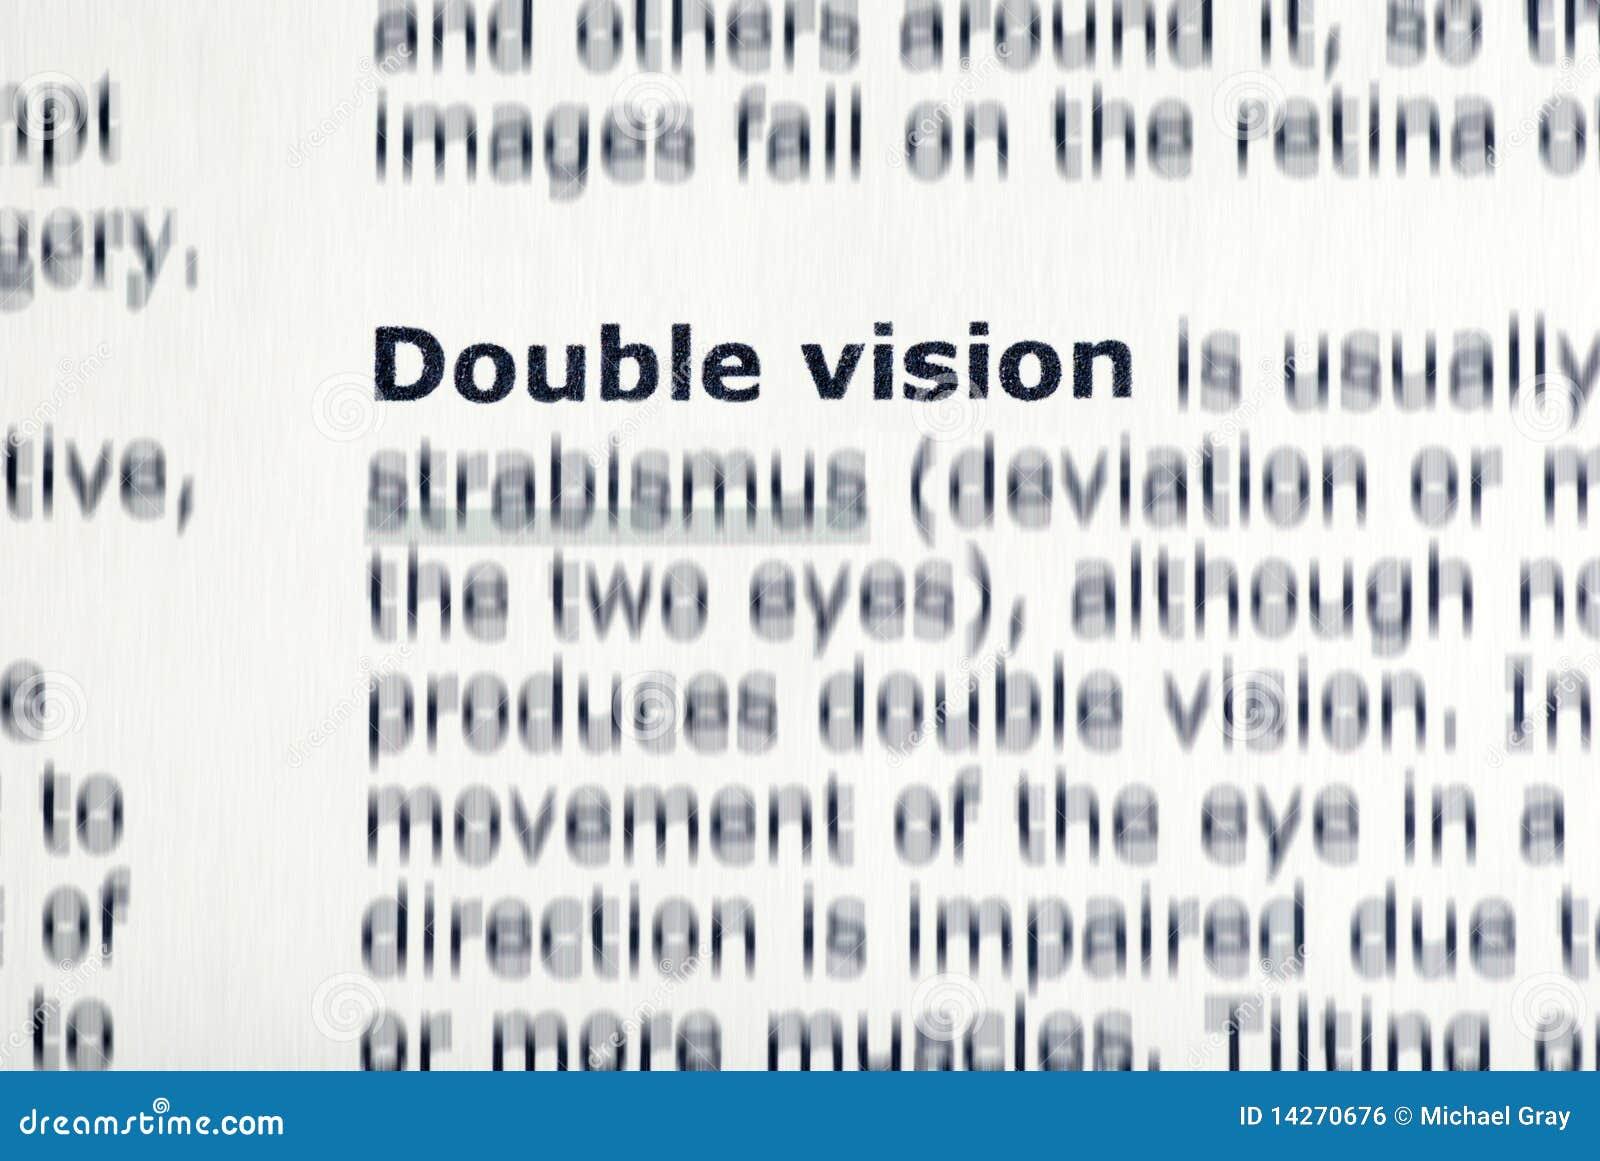 Зрение Двойное фото